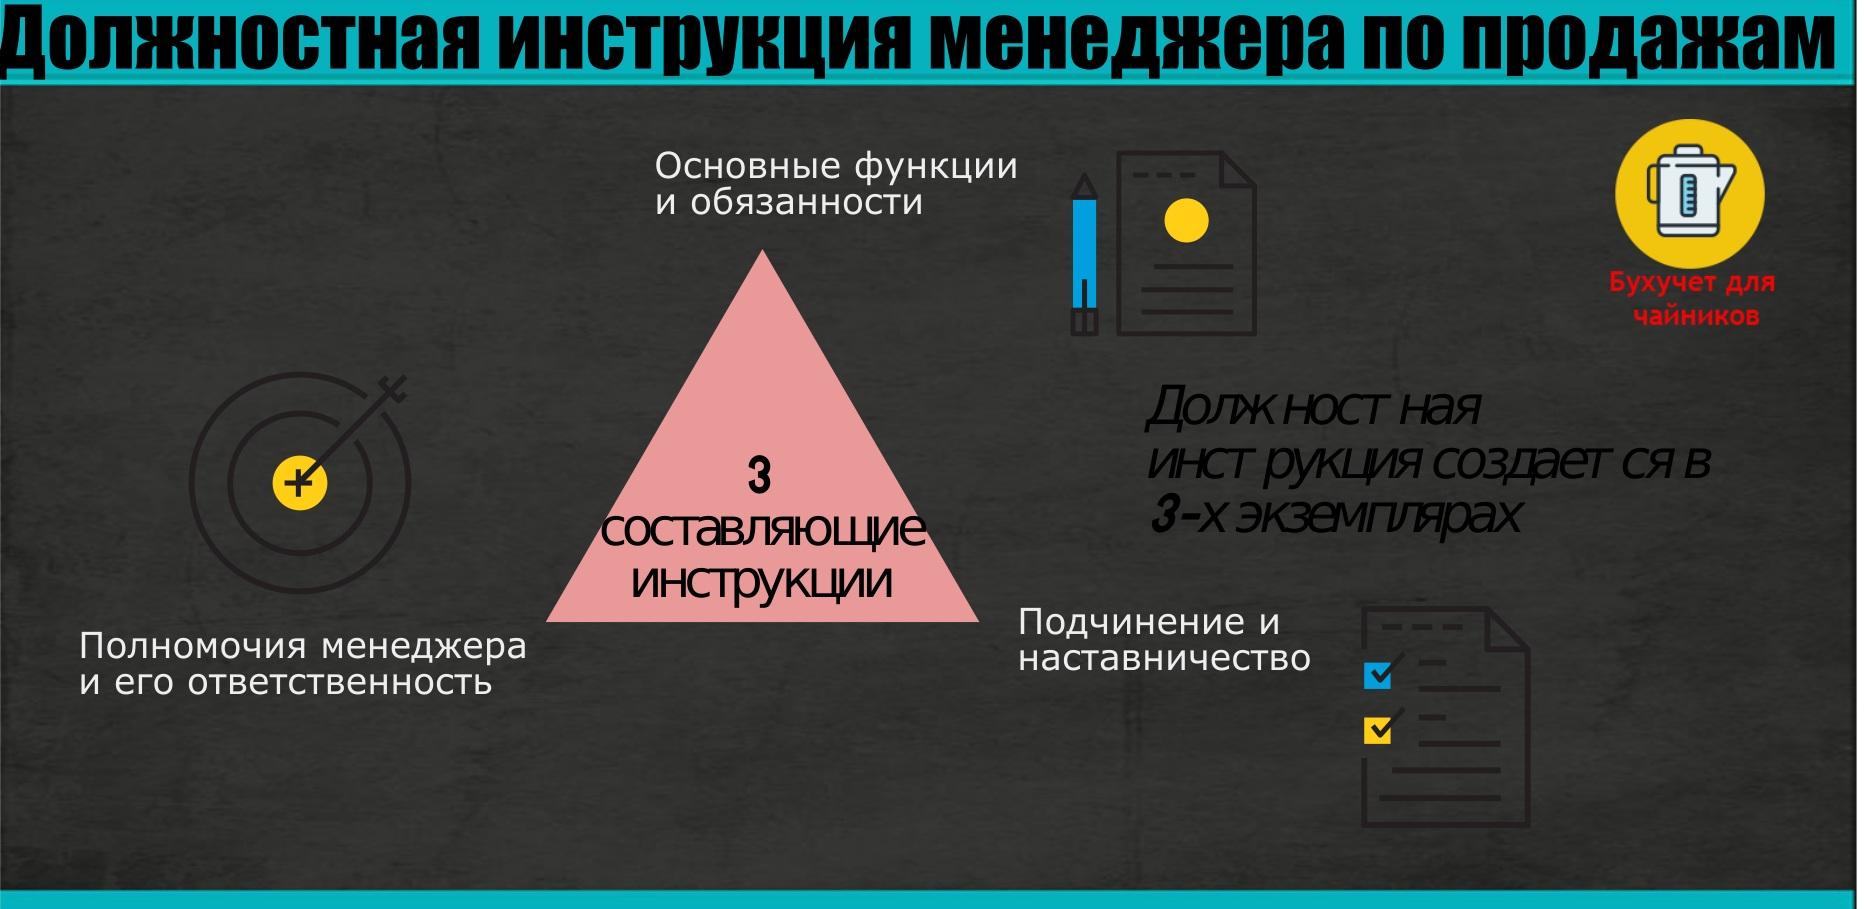 Должностная инструкция менеджера по продажам: основные составляющие